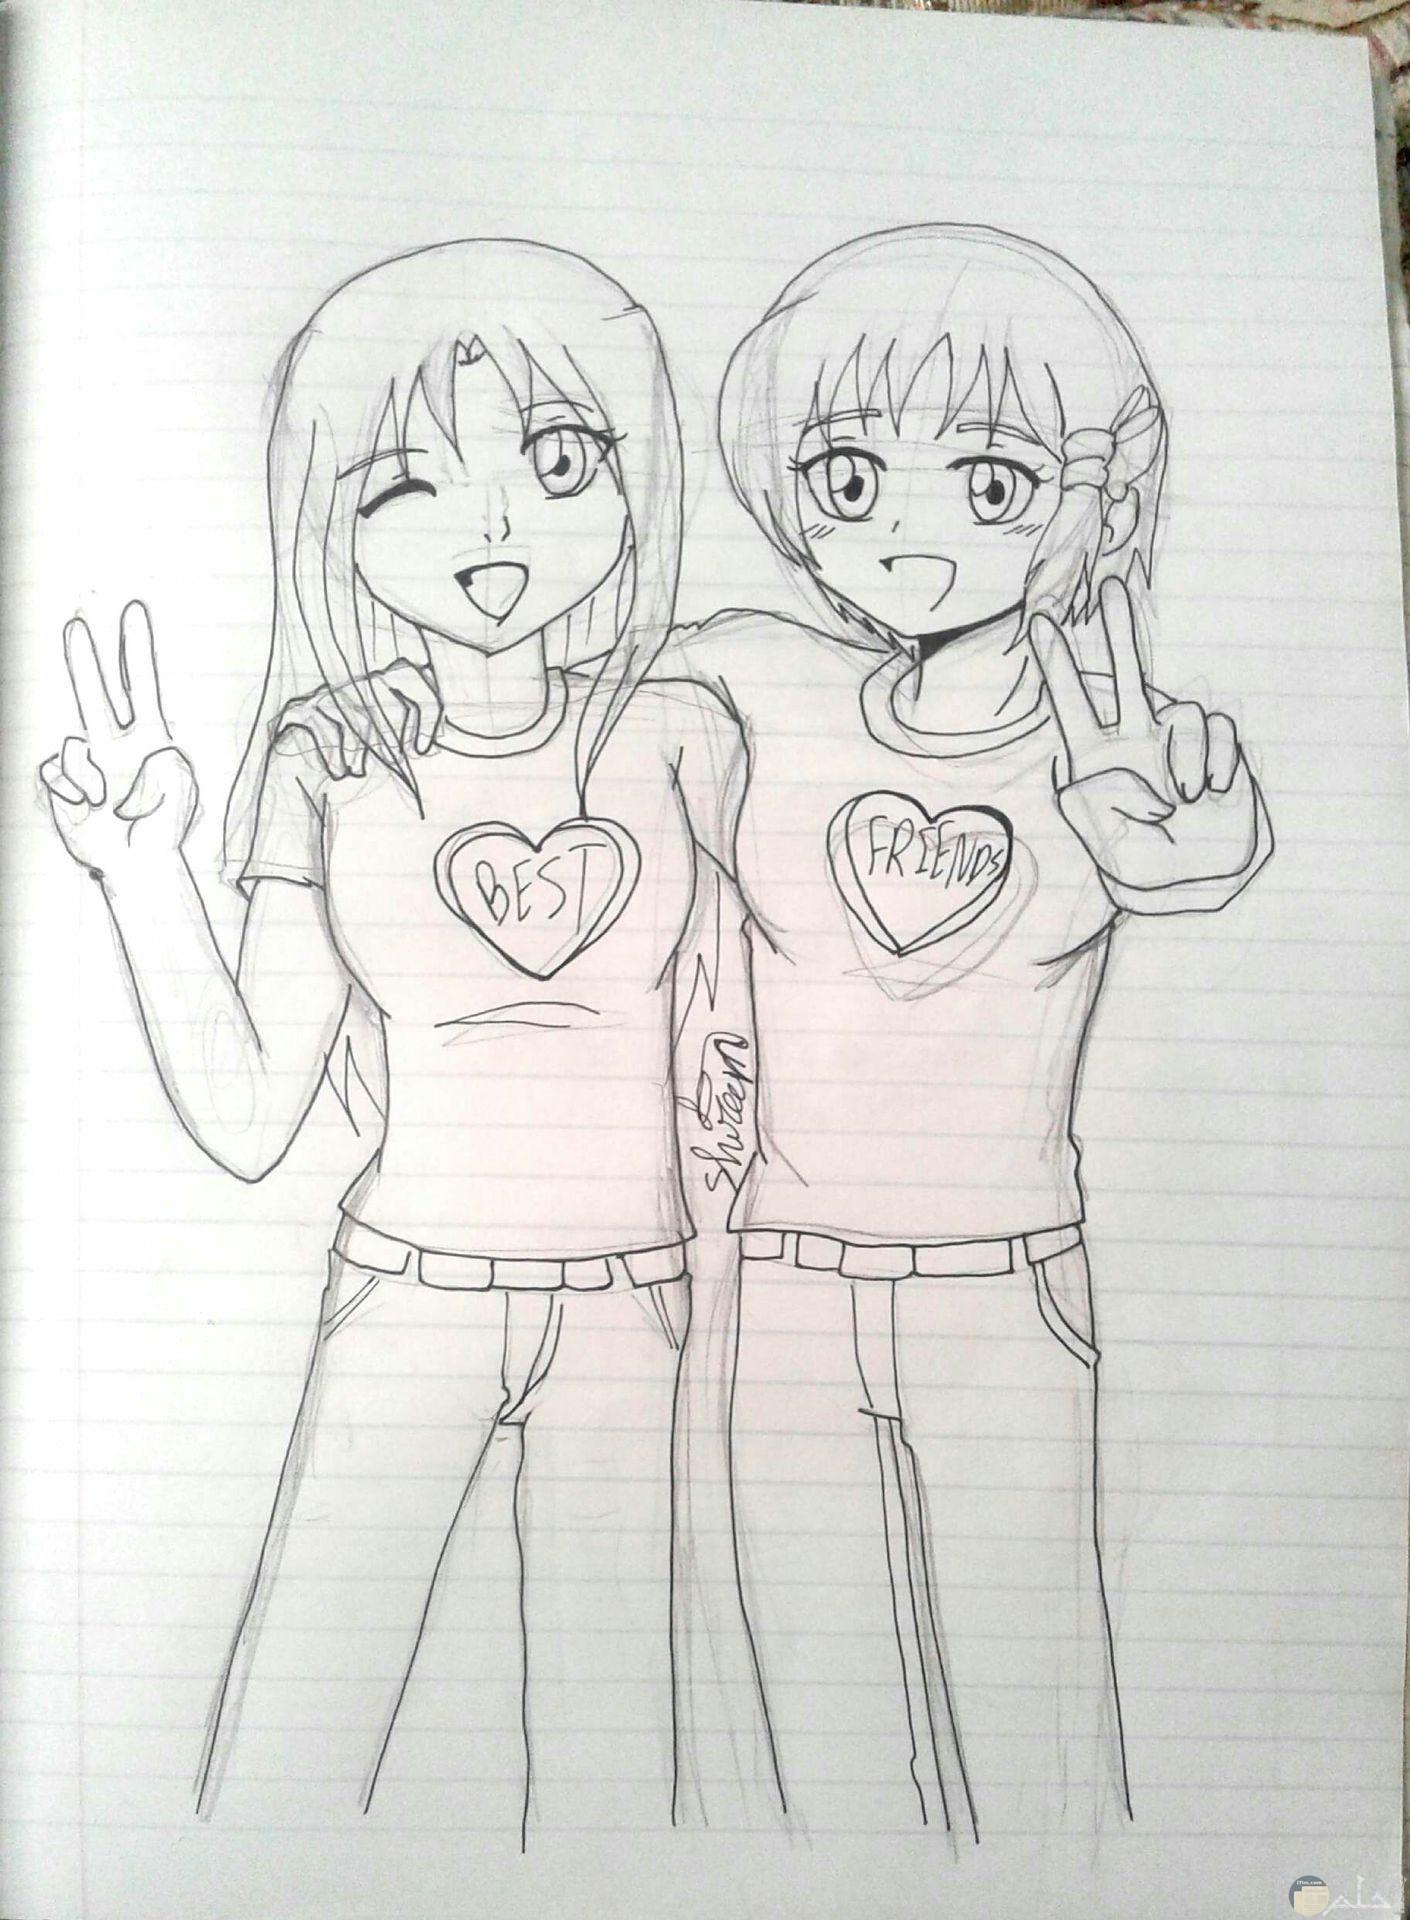 رسمة انيمي مرسومة باليد لبنتين و على ملابسهما رسمة قلب.